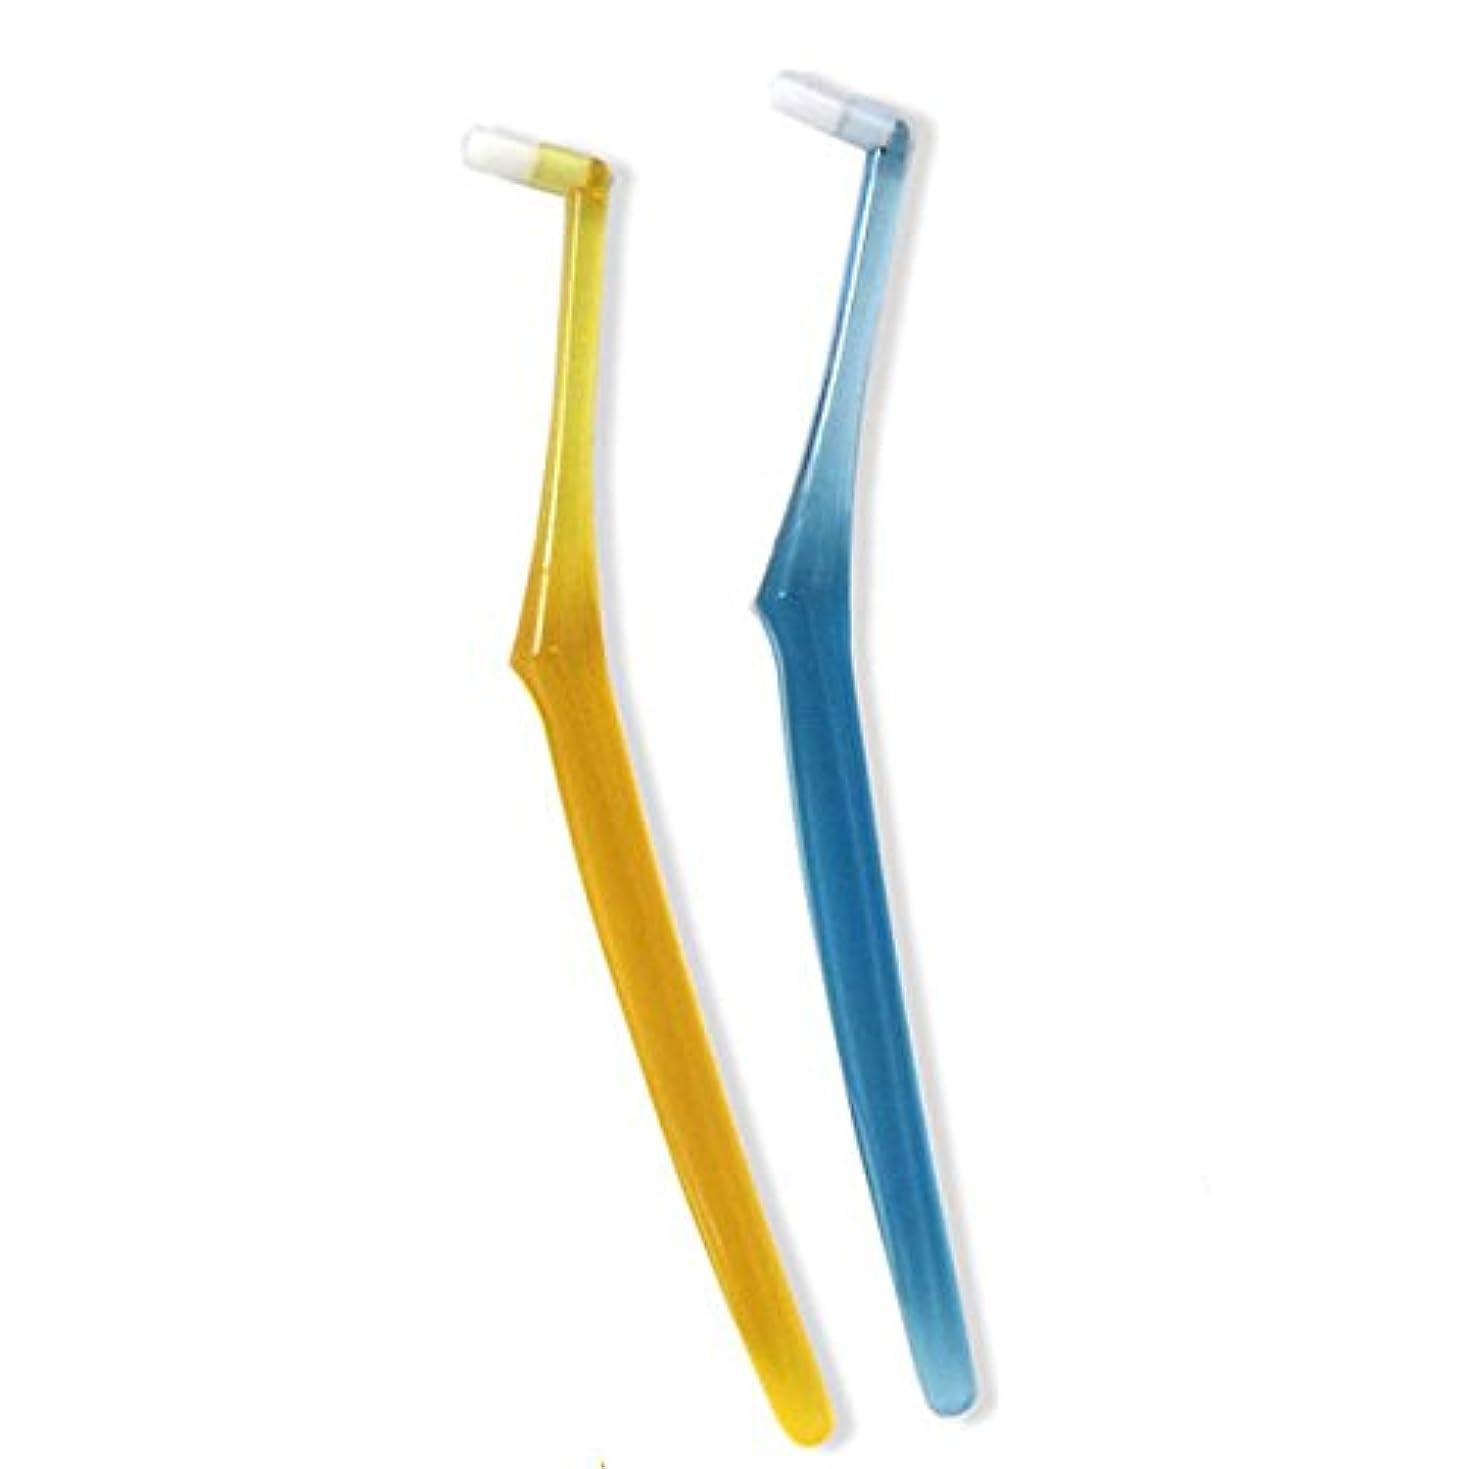 アノイ私の危険な【ワンタフト】 オーラルケア インプロ インプラント専用 歯ブラシ 24本セット (US(ウルトラソフト))